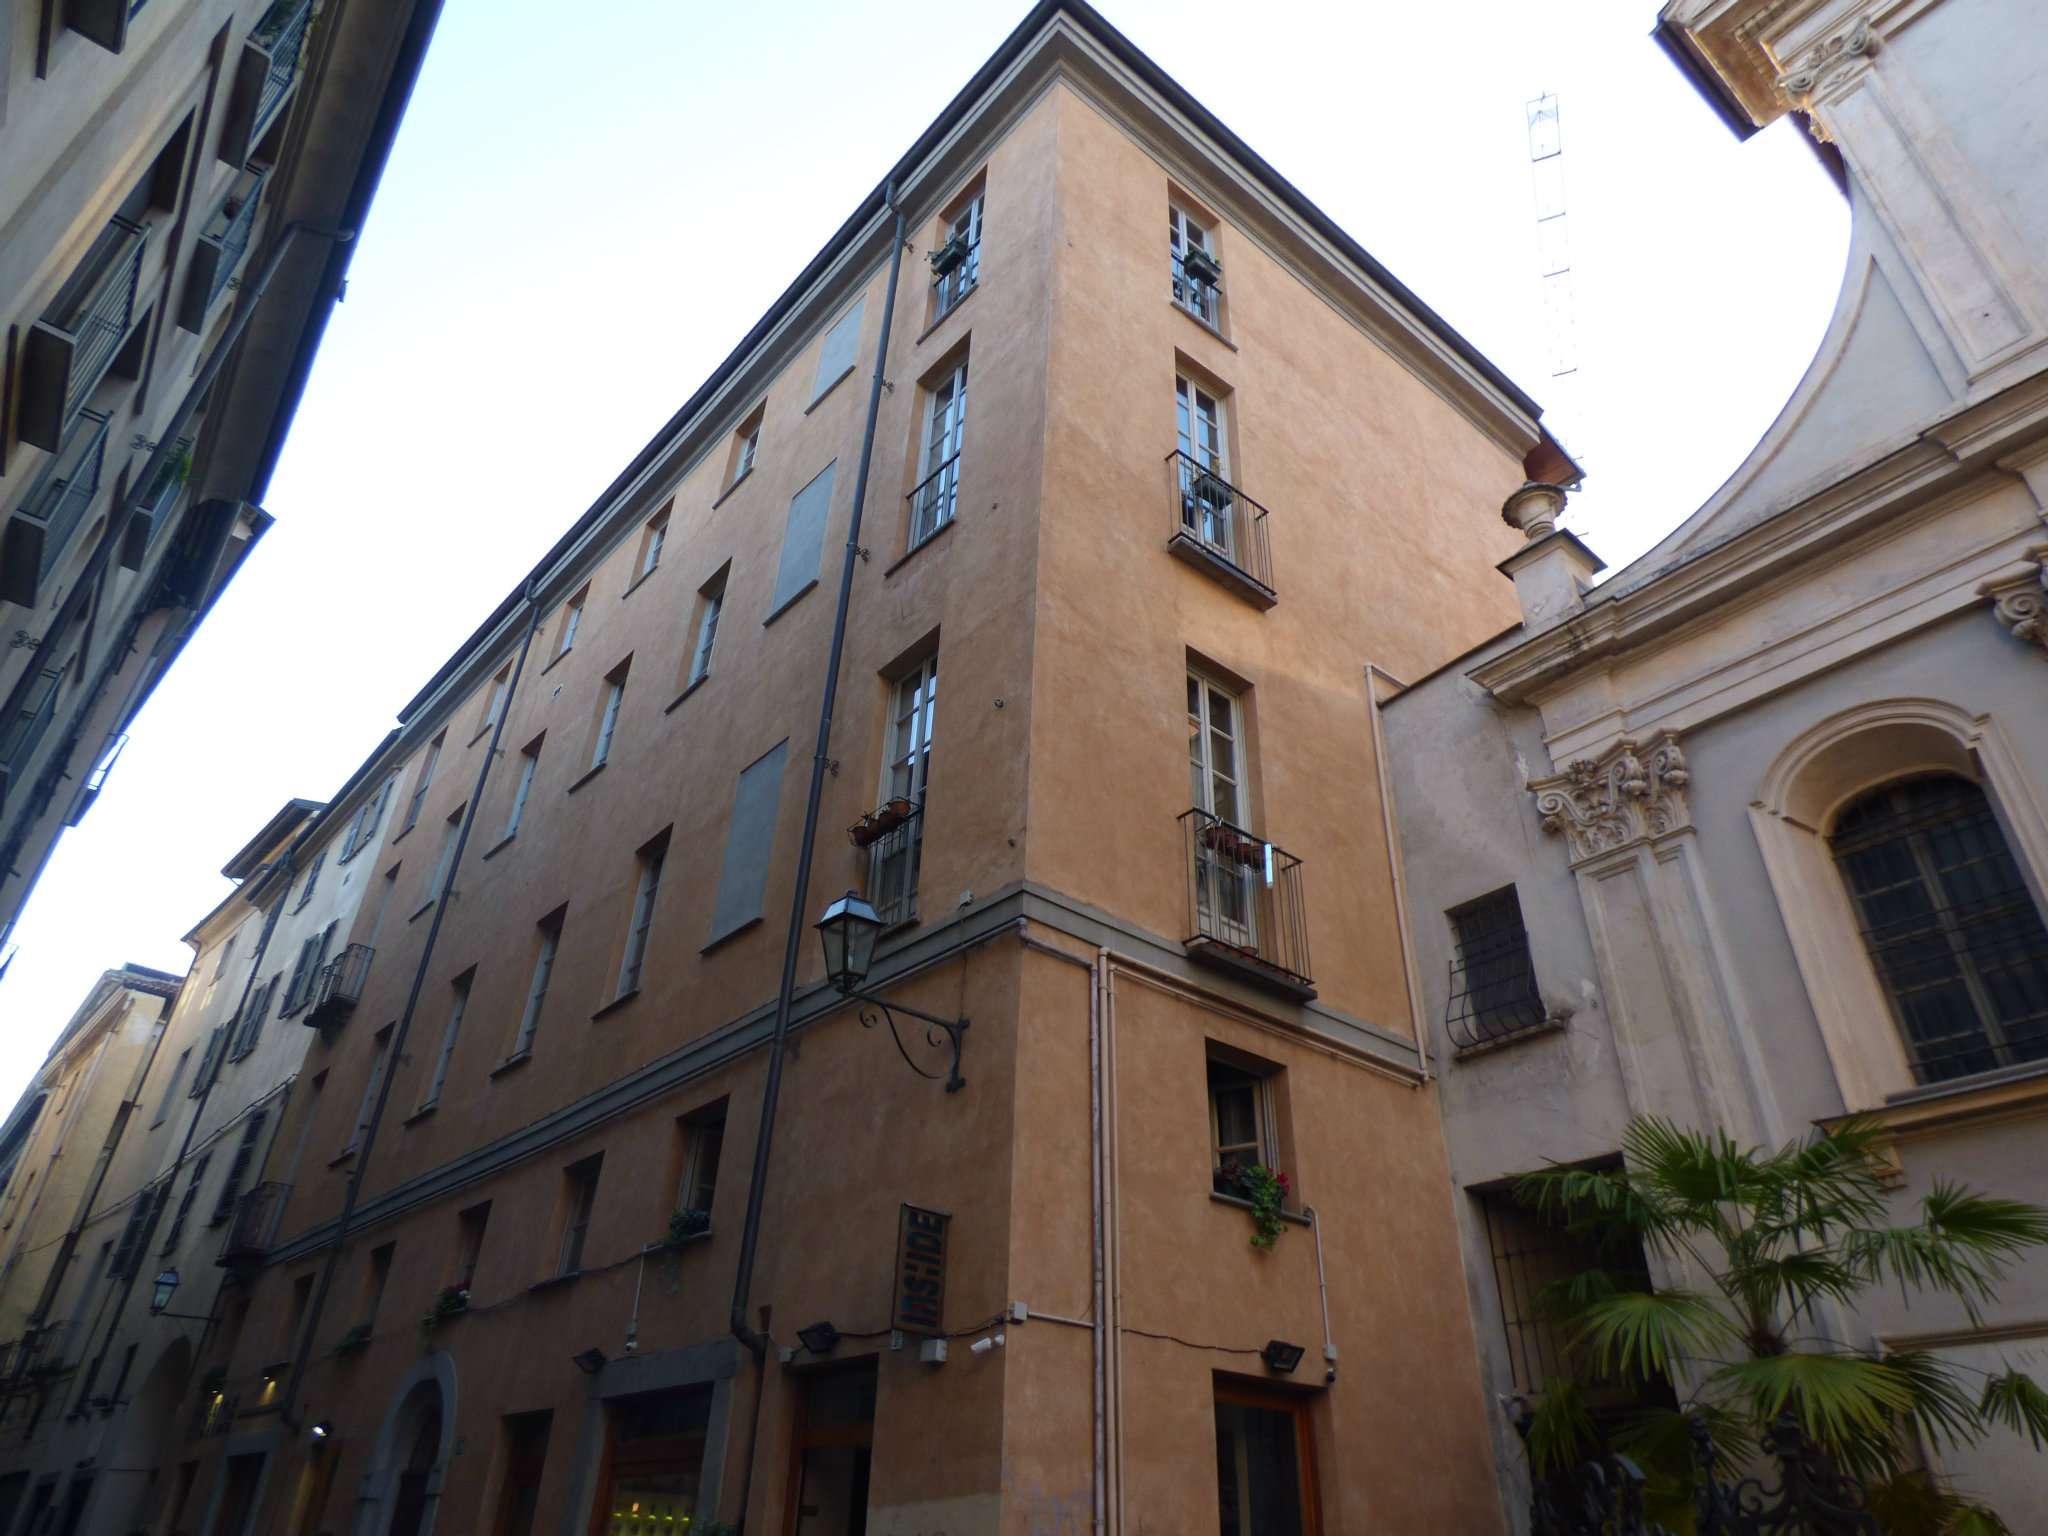 Appartamento in affitto a Torino, 4 locali, zona Zona: 1 . Centro, Quadrilatero Romano, Repubblica, Giardini Reali, prezzo € 900 | Cambio Casa.it